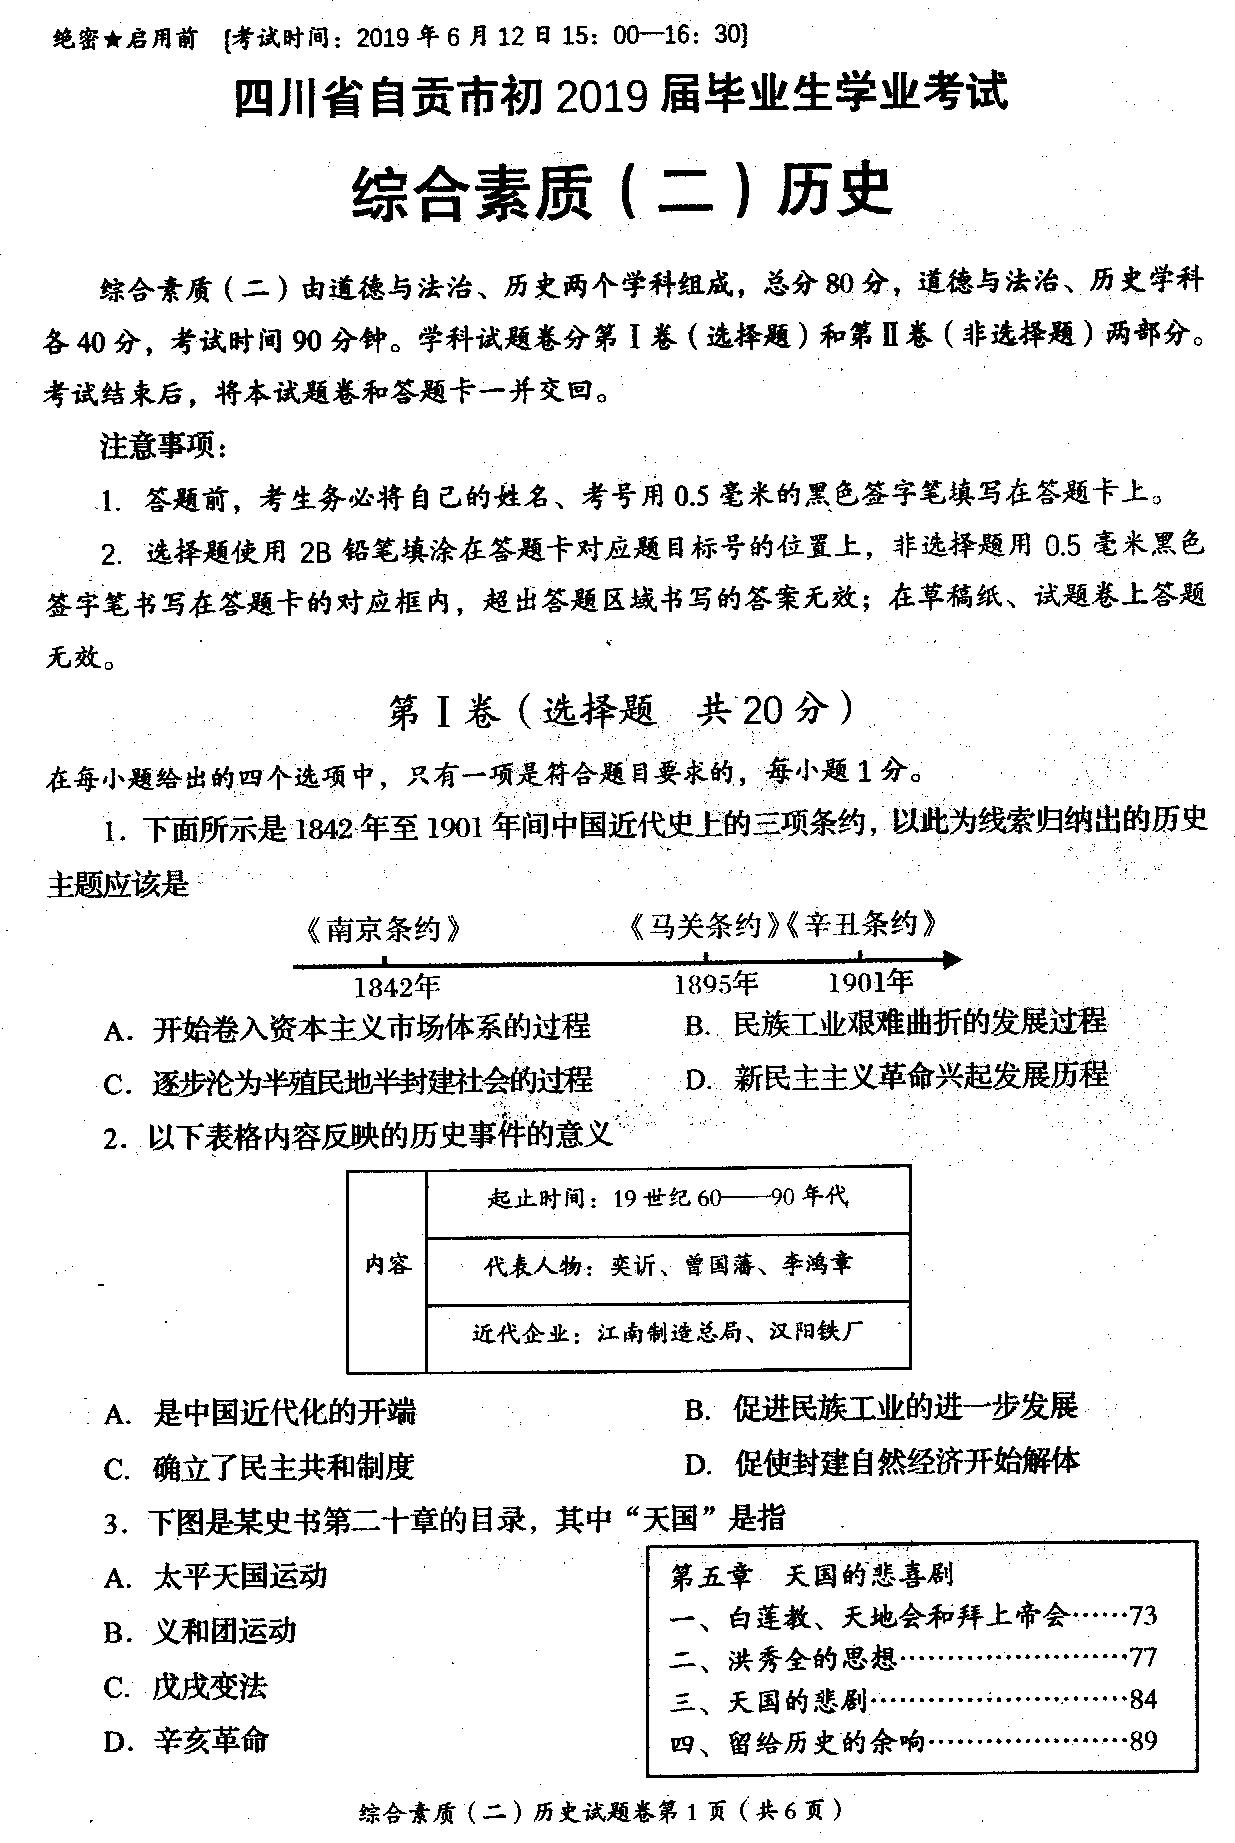 2019年四川自贡中考《历史》真题已公布